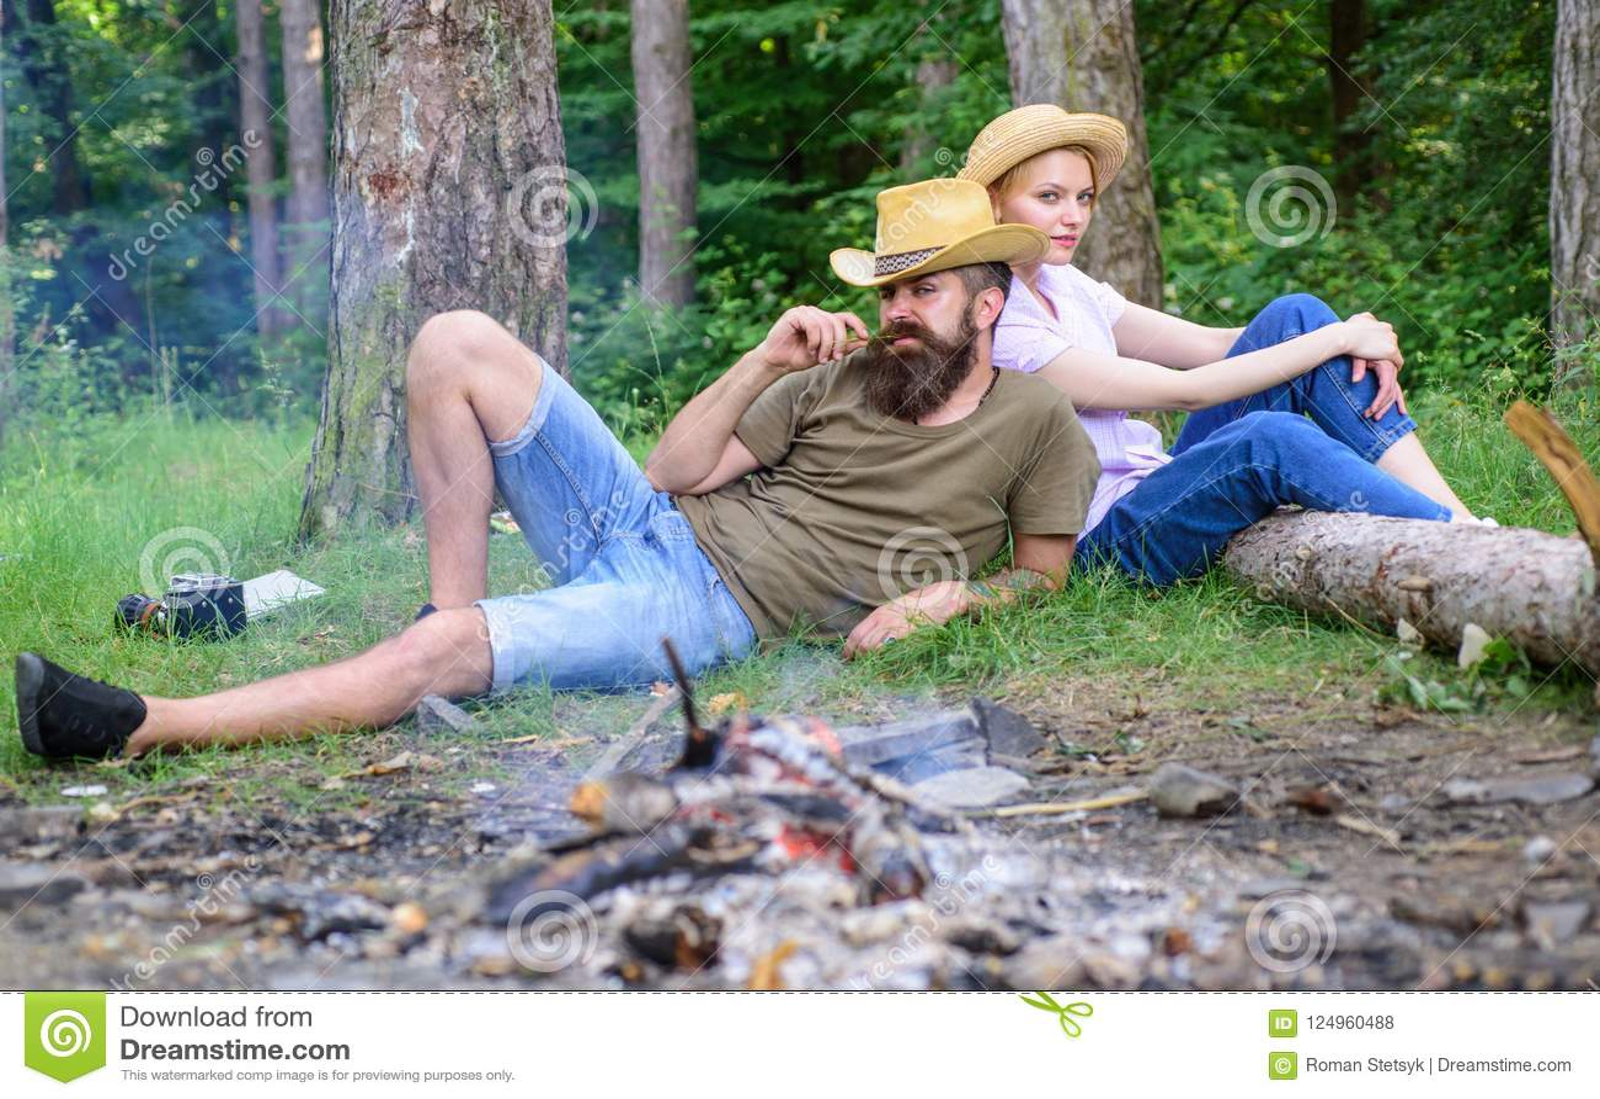 Atividade da família para férias de verão na floresta e na natureza Família que relaxa perto da fogueira após o dia da caça do co